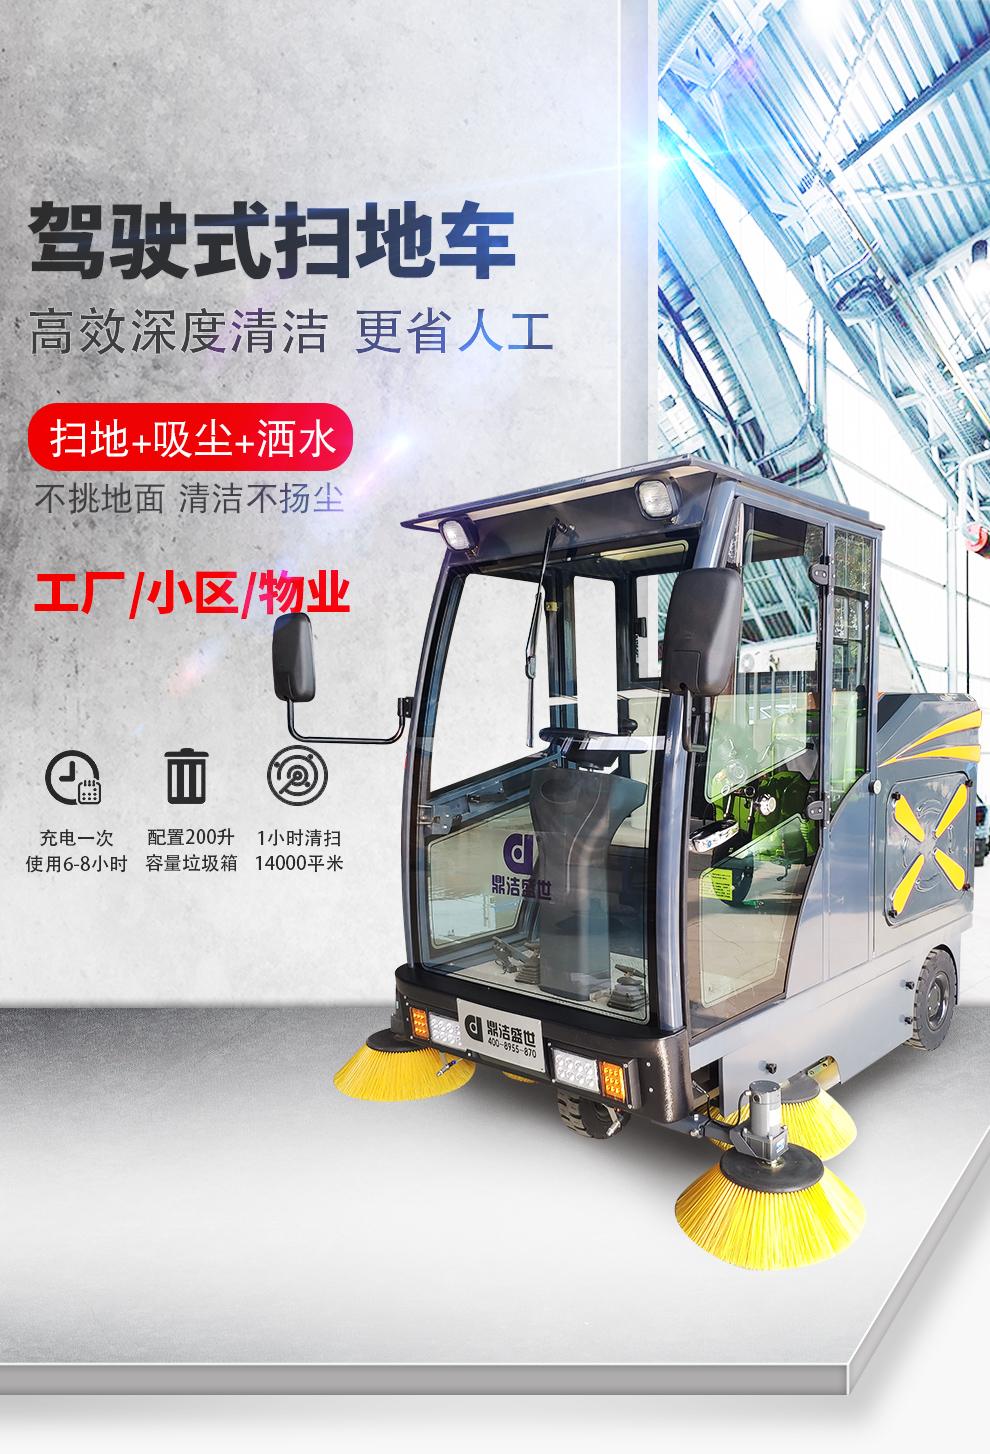 鼎洁盛世DJ2000Z电动扫地车工厂学校公园广场清扫车详情页_01